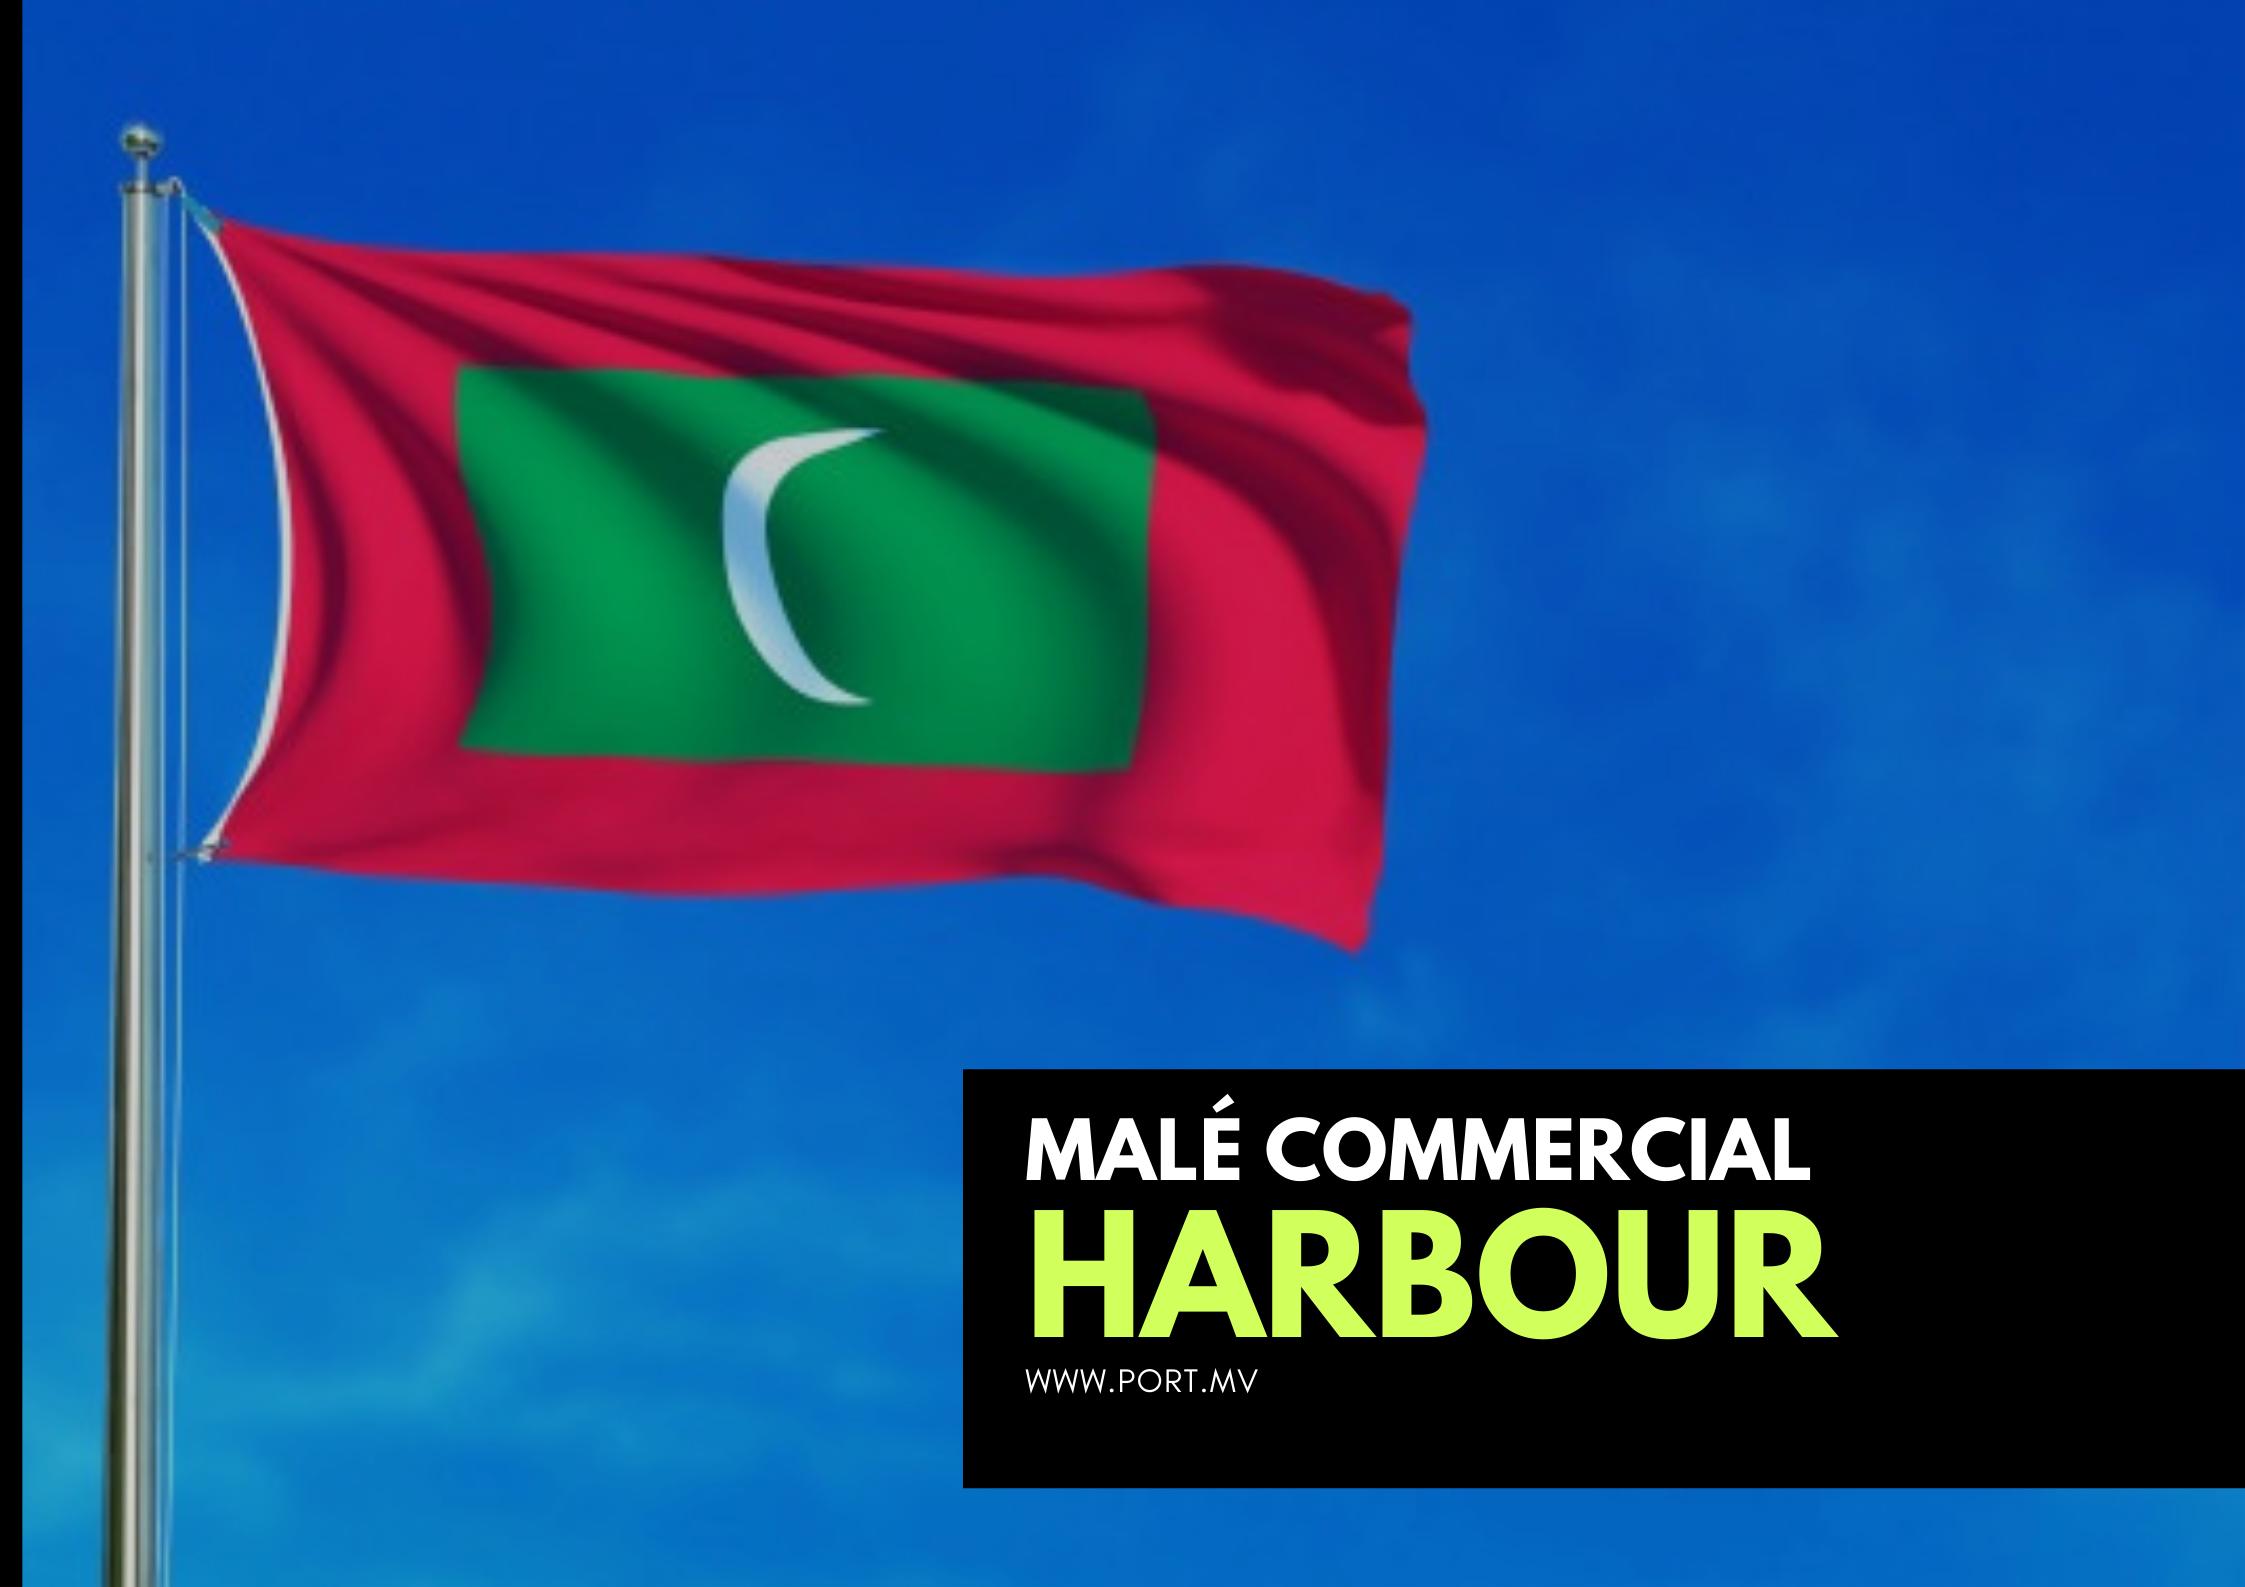 Malé port harbour shipdiary.com